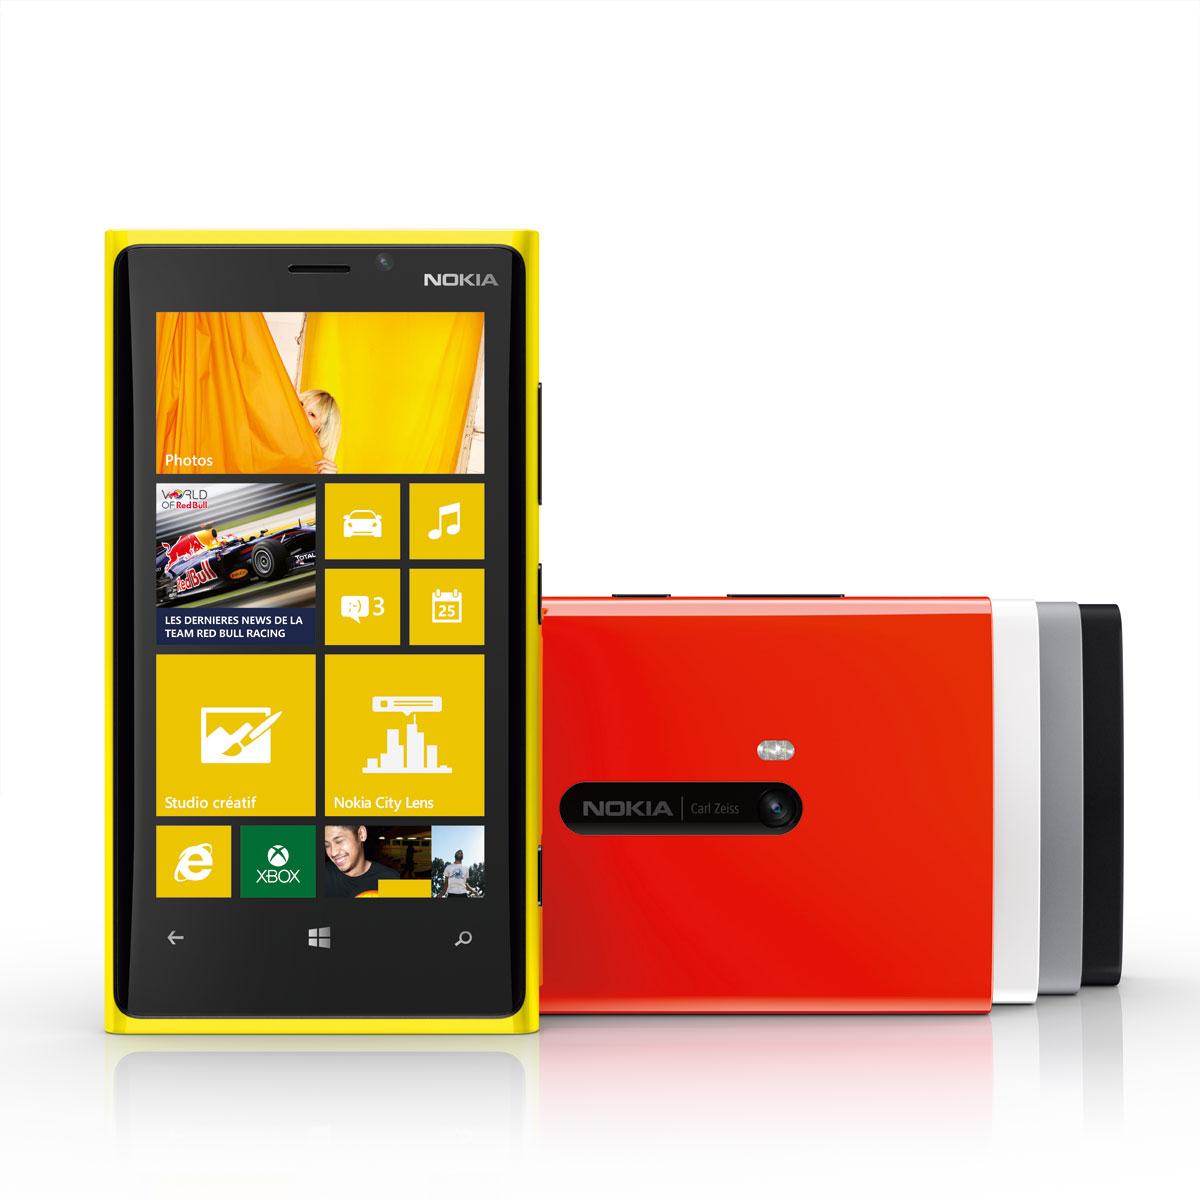 Nokia lumia 920 blanc mobile smartphone nokia sur for Photo ecran lumia 920